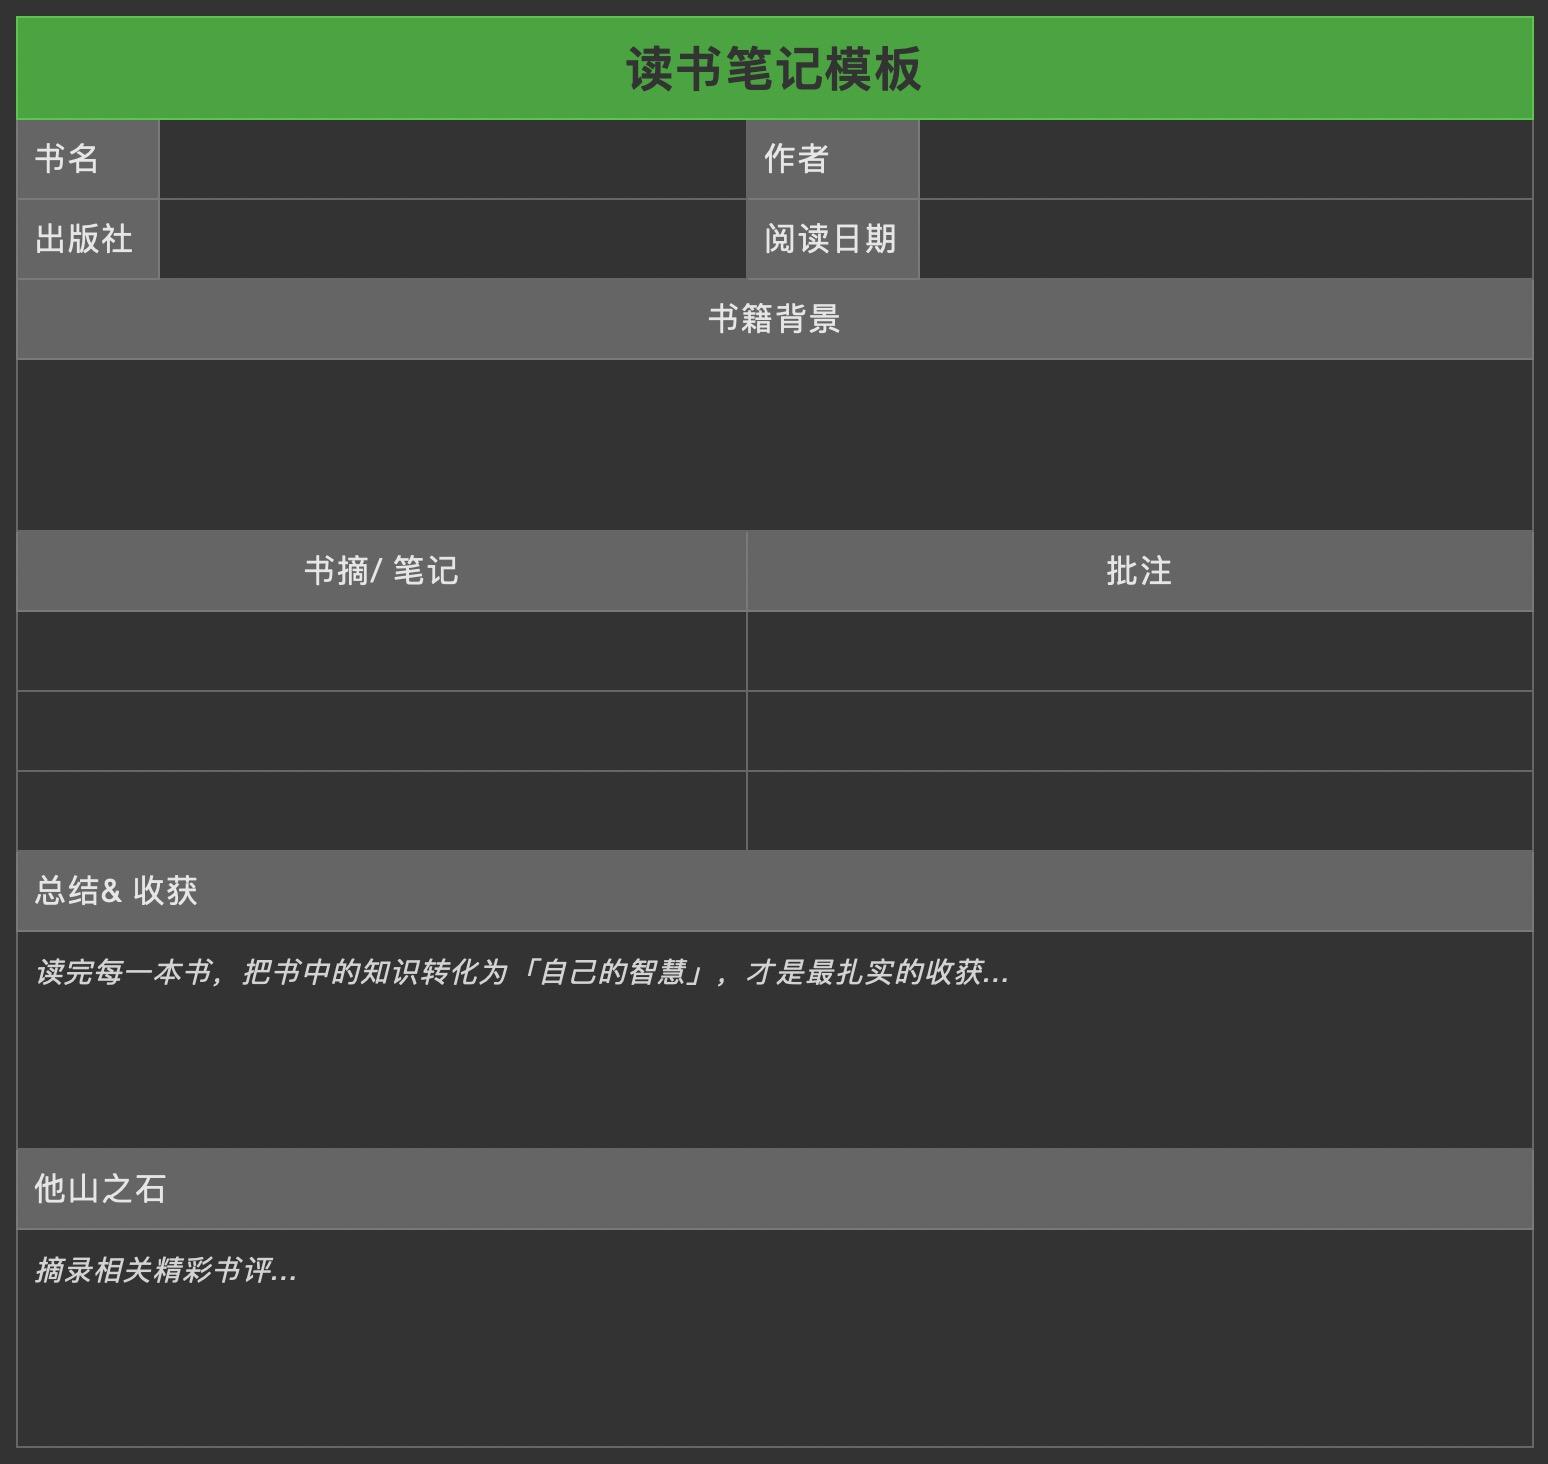 日精进之读书笔记模版 樊登读书/666书友会用户通用